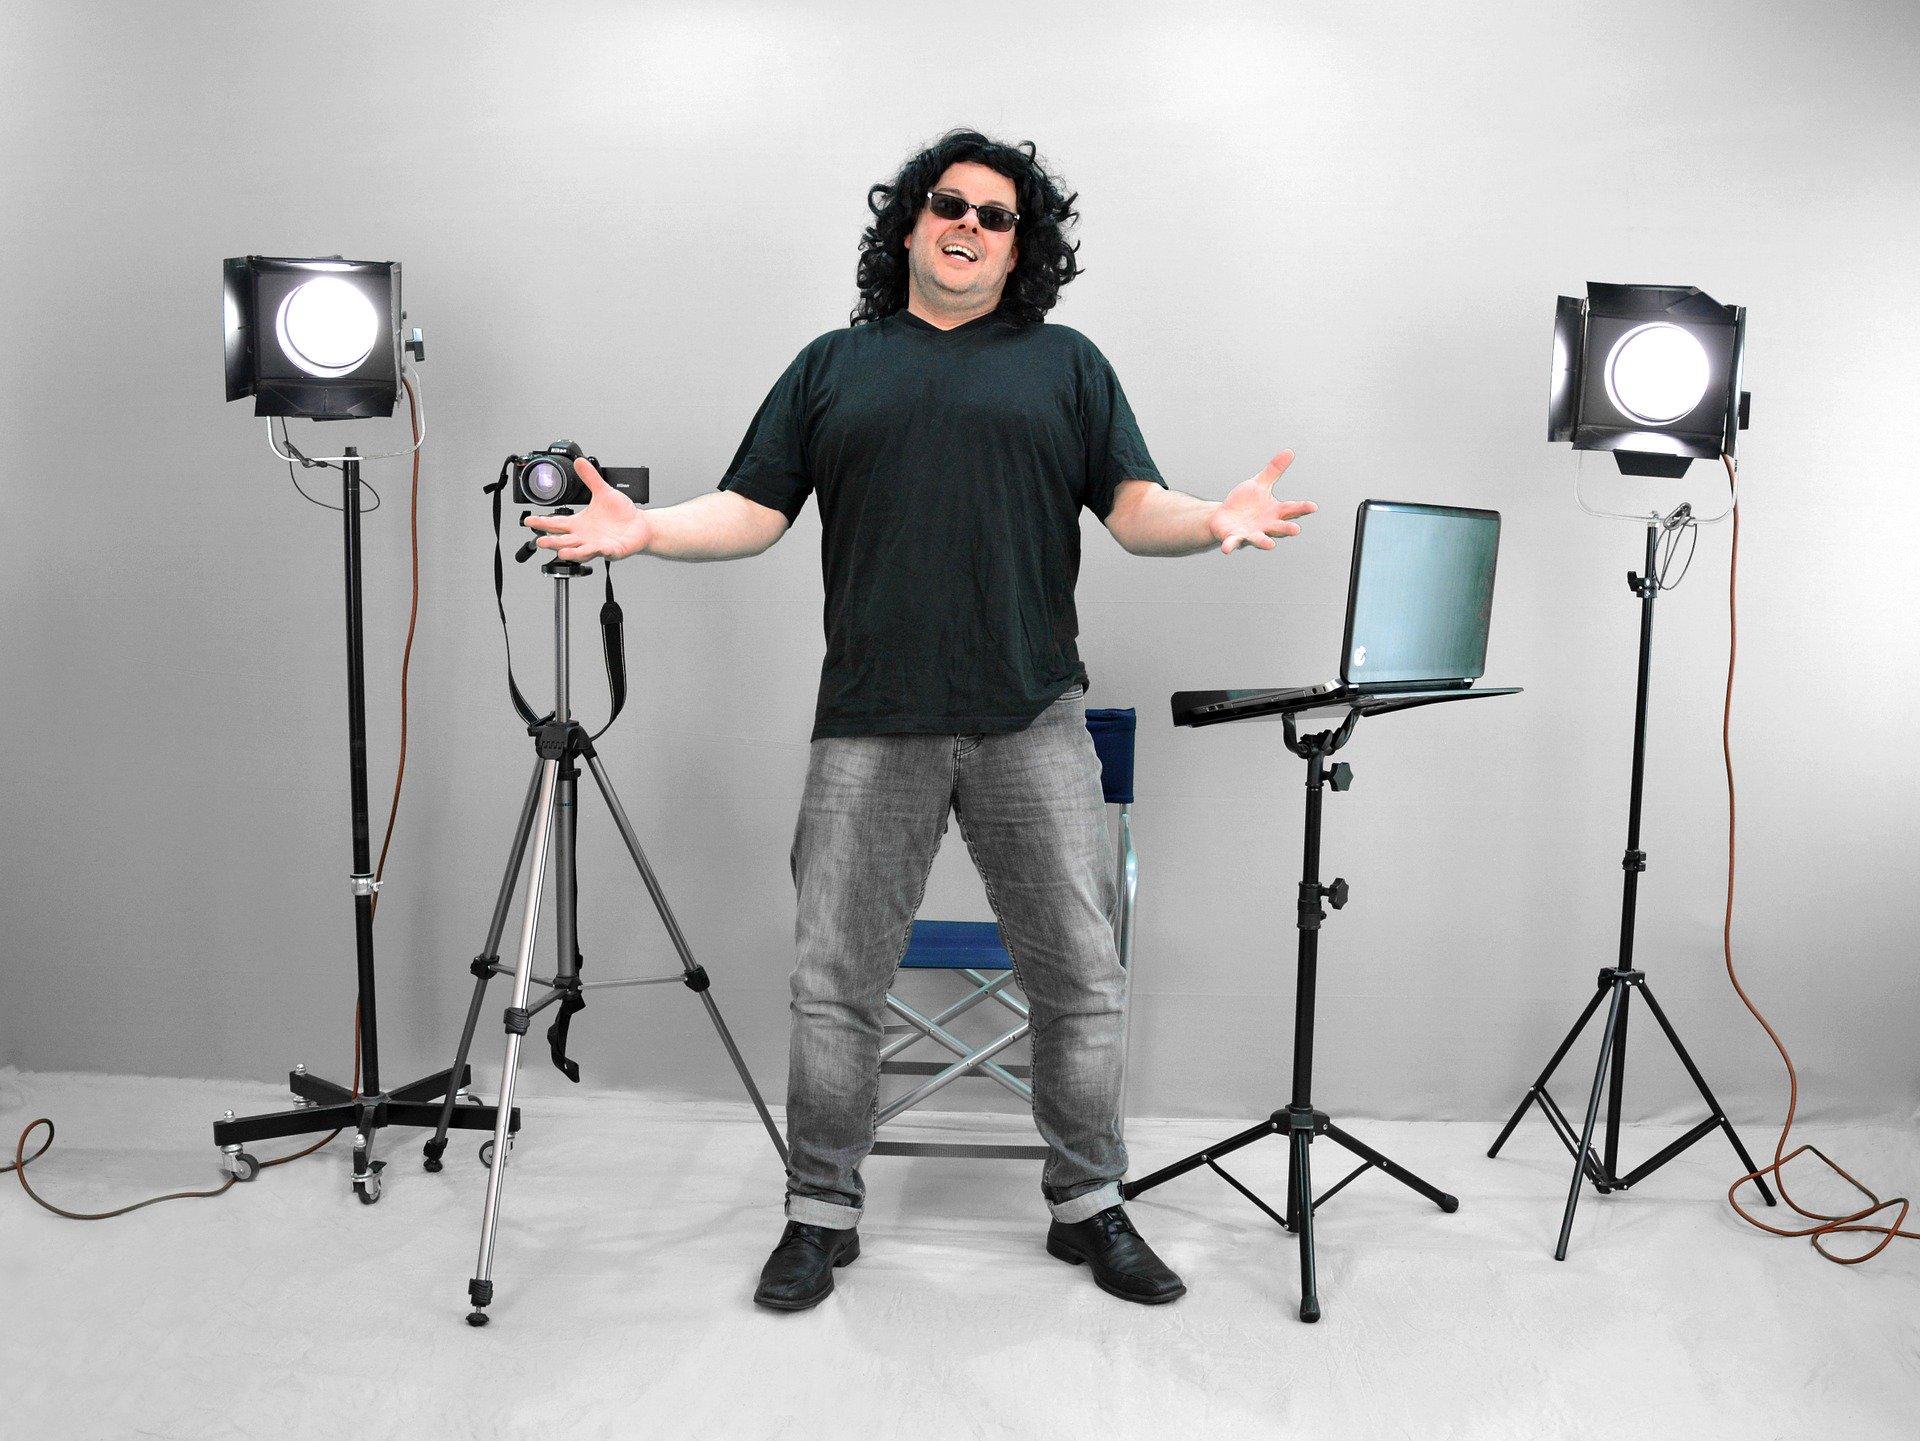 動画撮影にはライト・照明があるとクオリティアップ!オススメも紹介